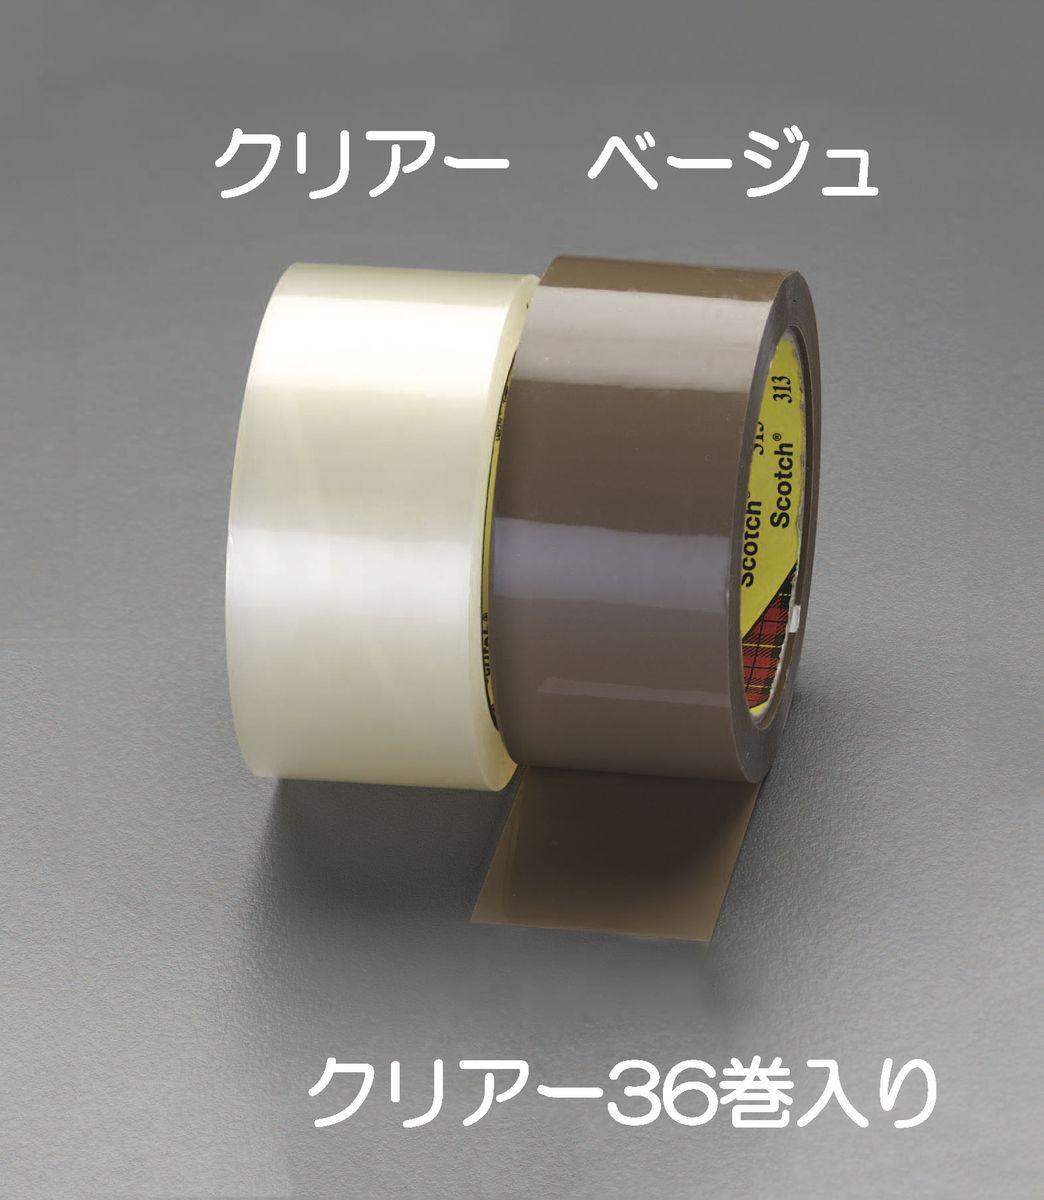 【メーカー在庫あり】 エスコ ESCO 48mmx100m OPP梱包用テープ 透明/36巻 000012242412 HD店